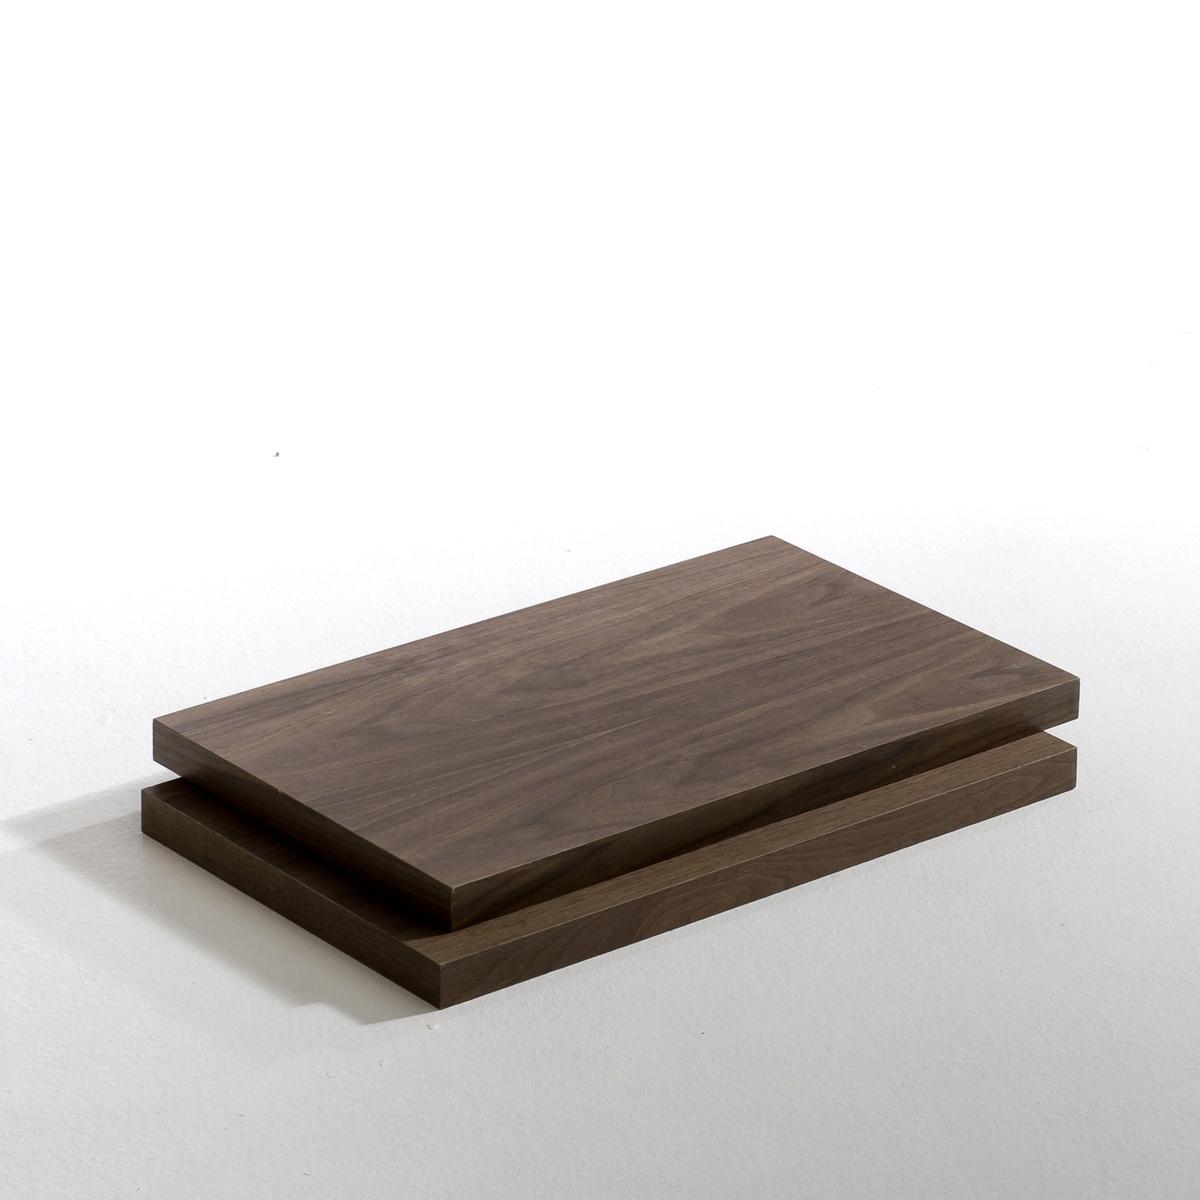 Полка Kyriel для гардеробнойПолка из МДФ с ПУ-лакировкой, матовая или под орех Kyriel . Для крепления на стойки на необходимой высоте с помощью угловых кронштейнов для полок.Мебель для гардеробной Kyriel - это модулируемая при желании система, эстетичная и практичная, созданная для любых пространств и стилей . 2 размера : -  Размер S : Ш.60 x В.3,5 x Г.36 см- Размер M : Ш.110 x В.3,5 x Г.36 см<br><br>Цвет: ореховый,черный